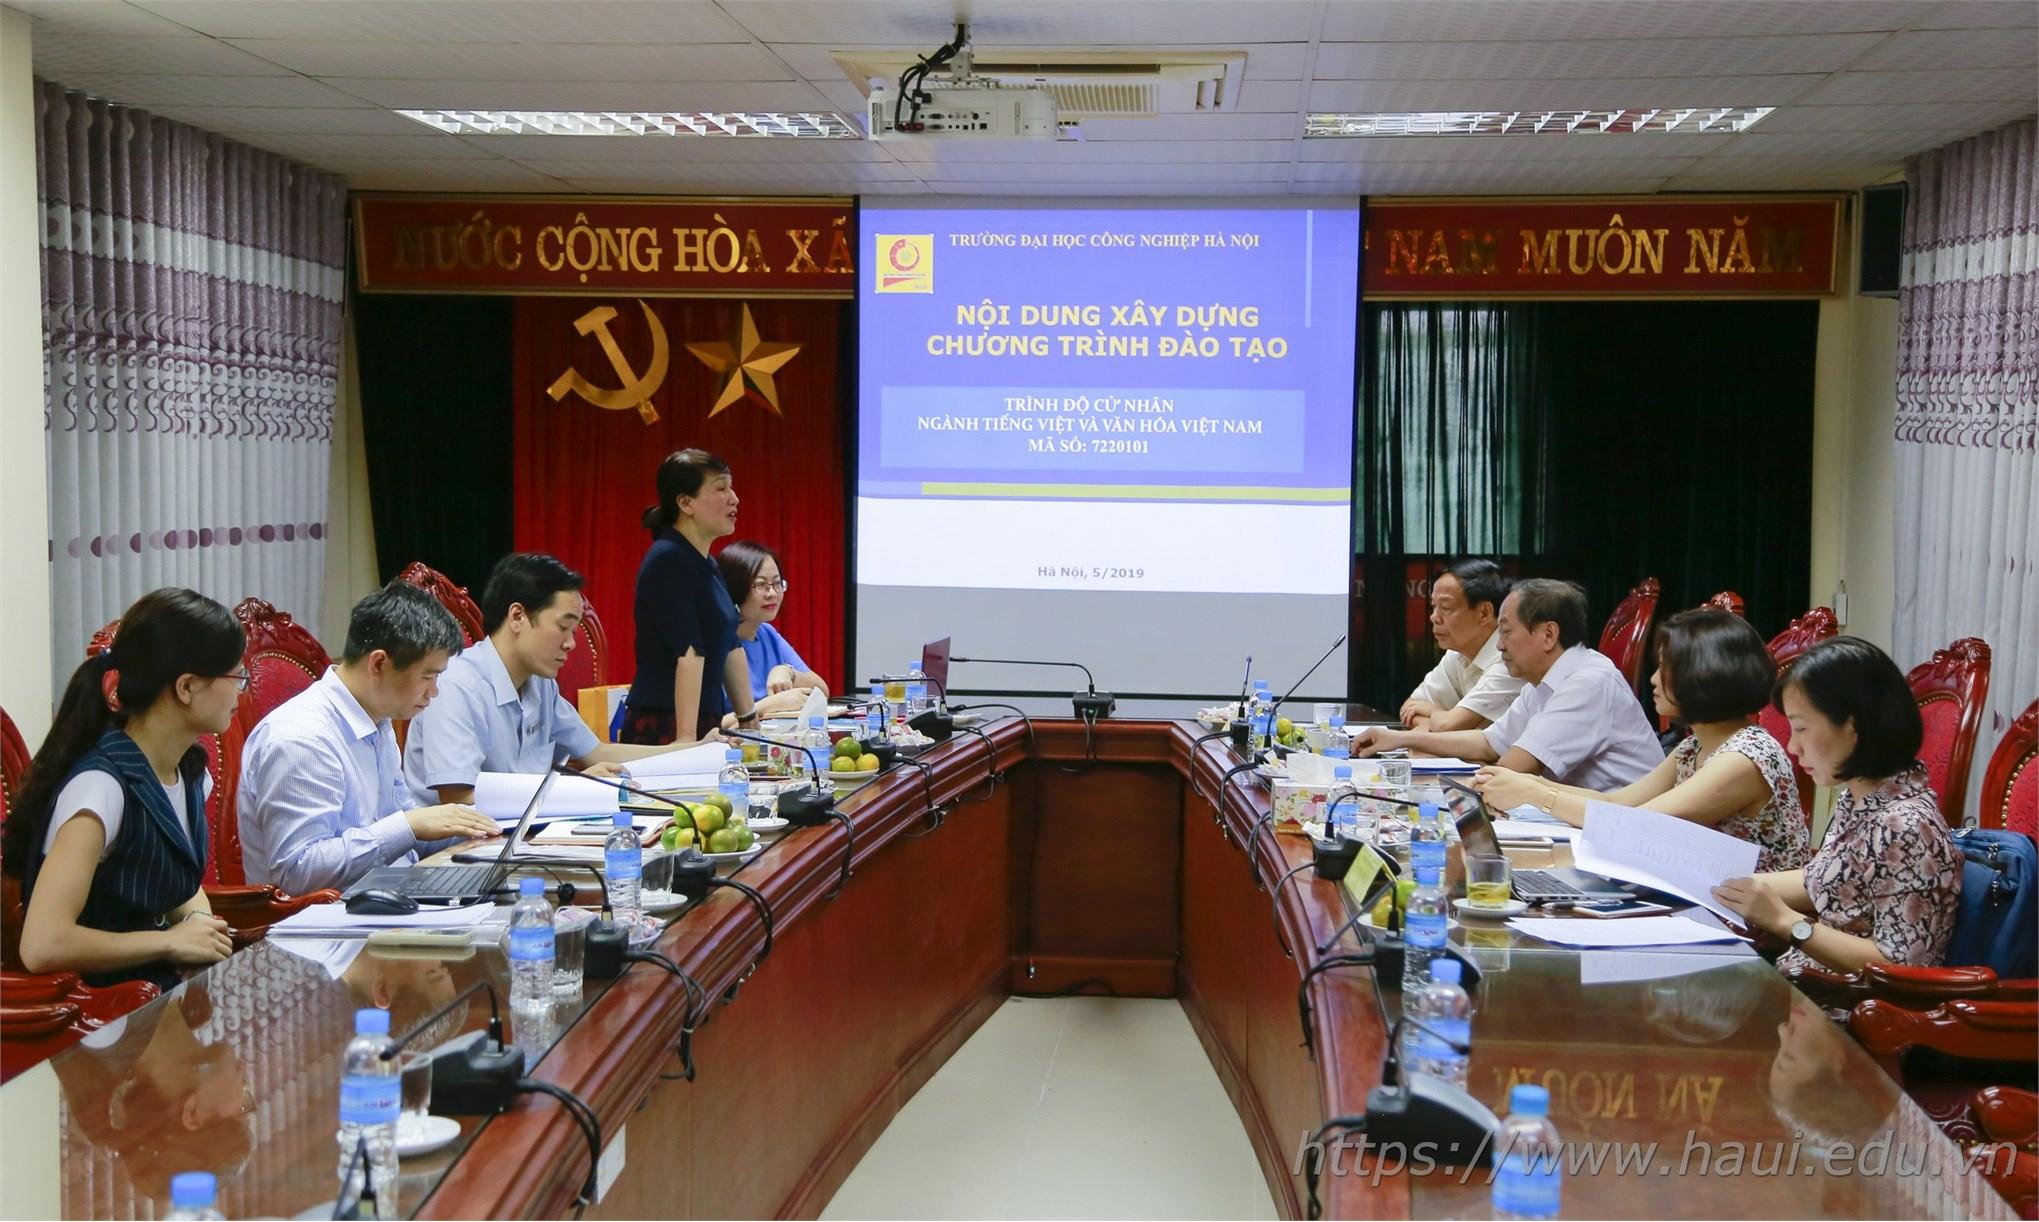 Đại học Công nghiệp Hà Nội mở ngành đào tạo cử nhân Tiếng Việt và Văn hóa Việt Nam